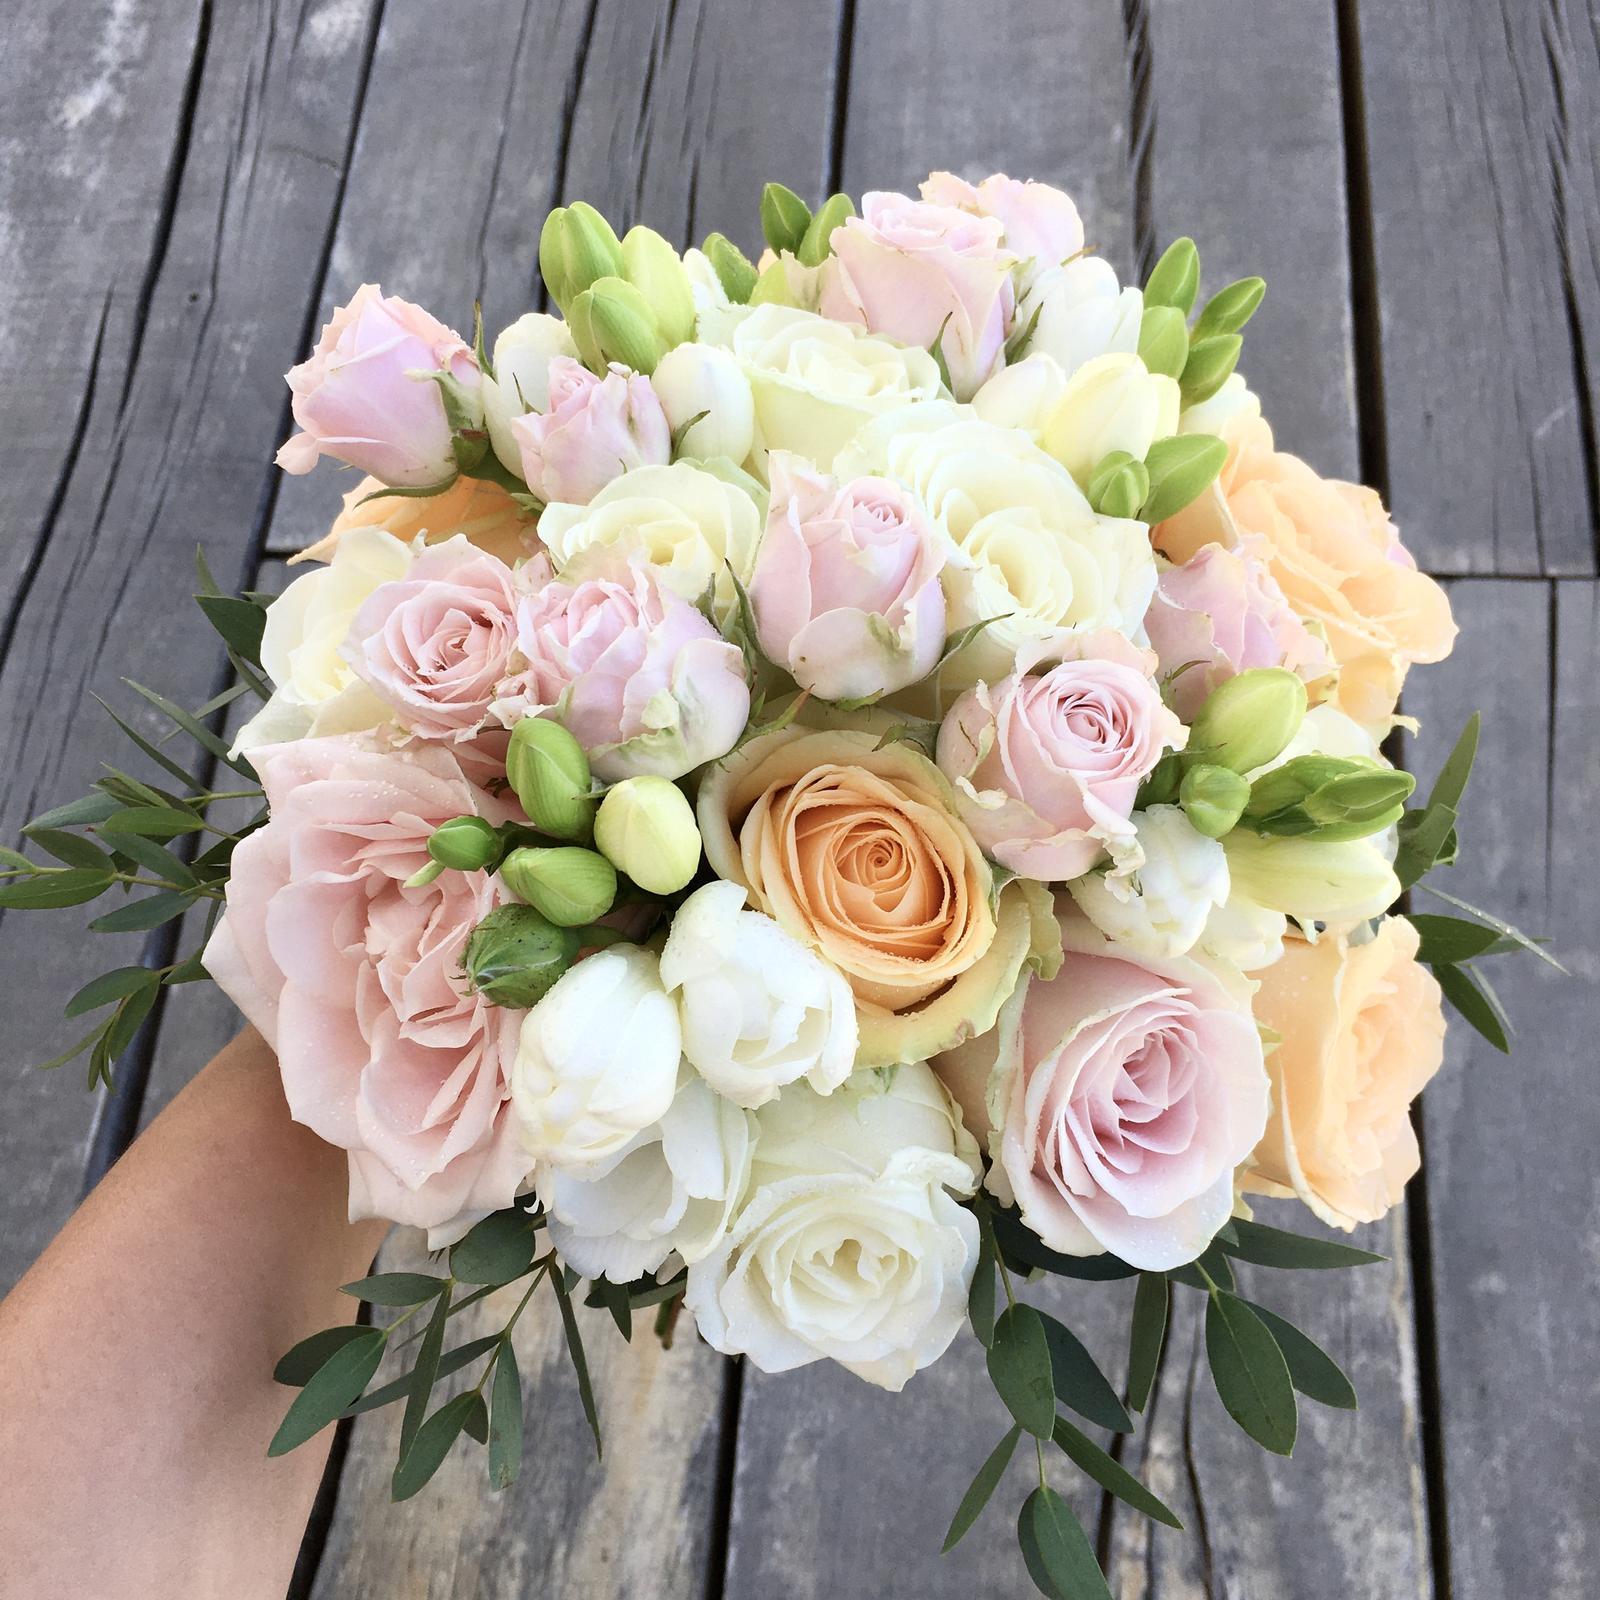 Letná pastelová svadba - Obrázok č. 3